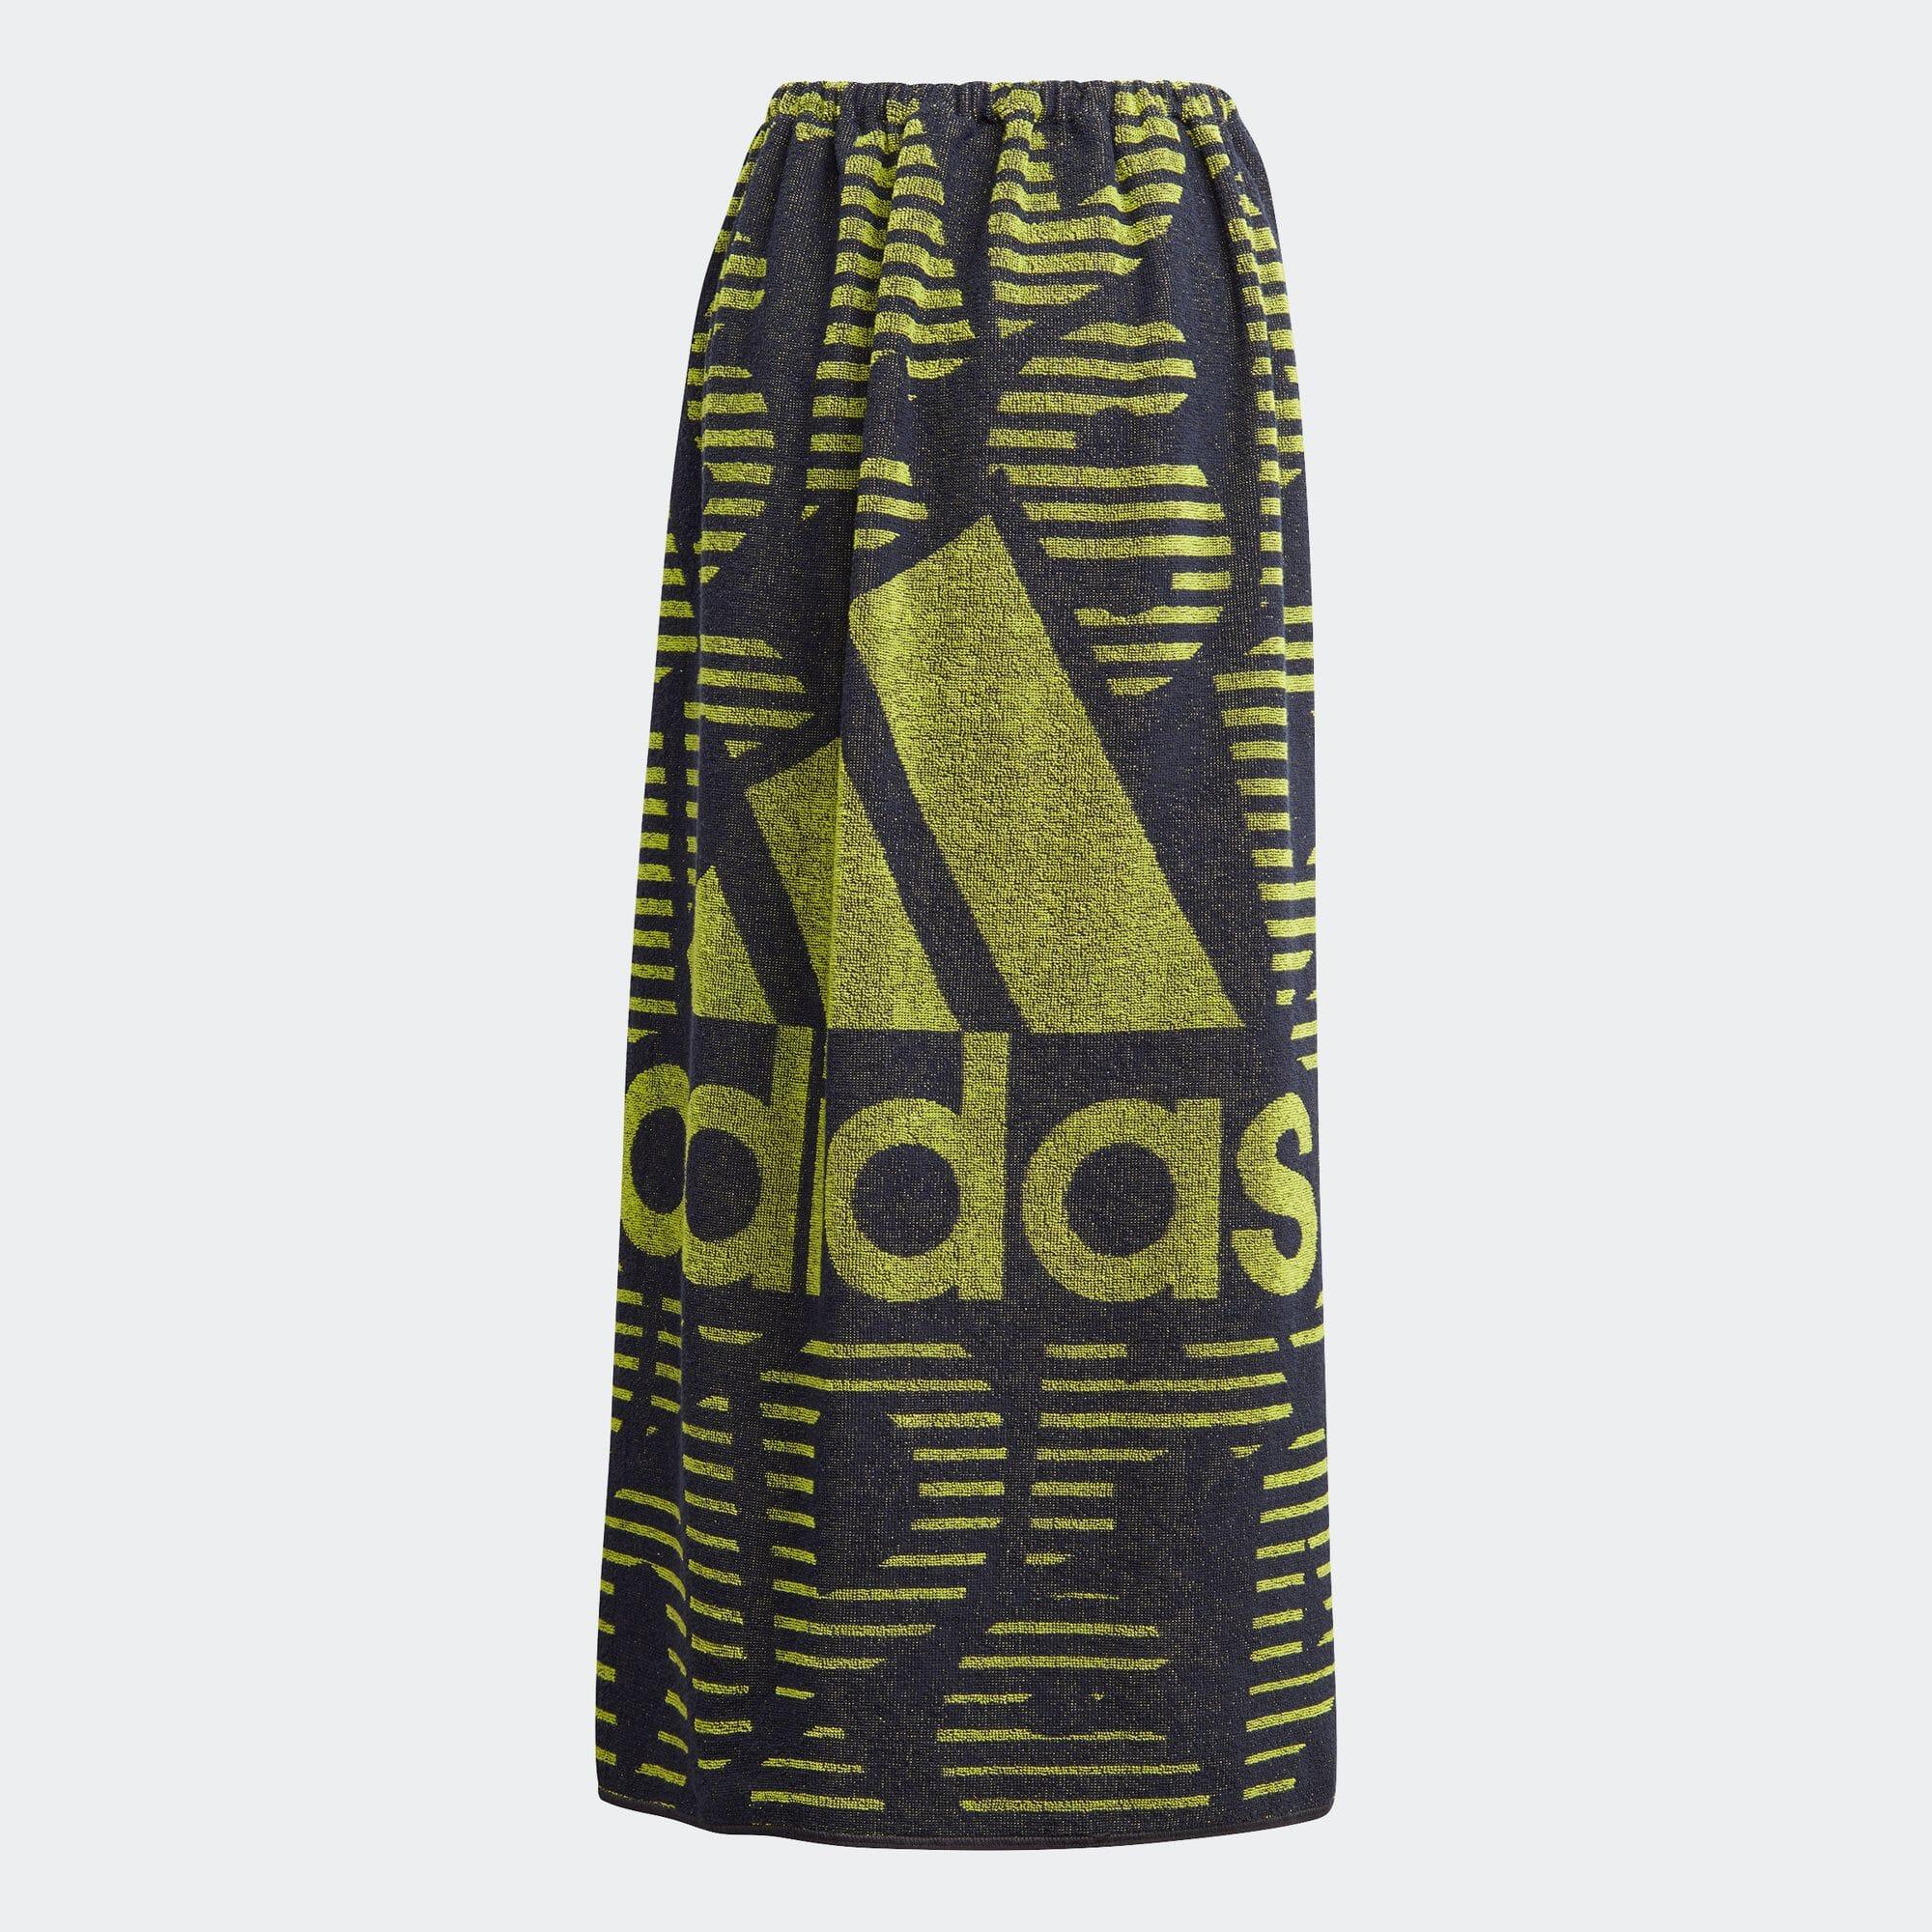 ラップタオル (大) / Wrap Towel Large